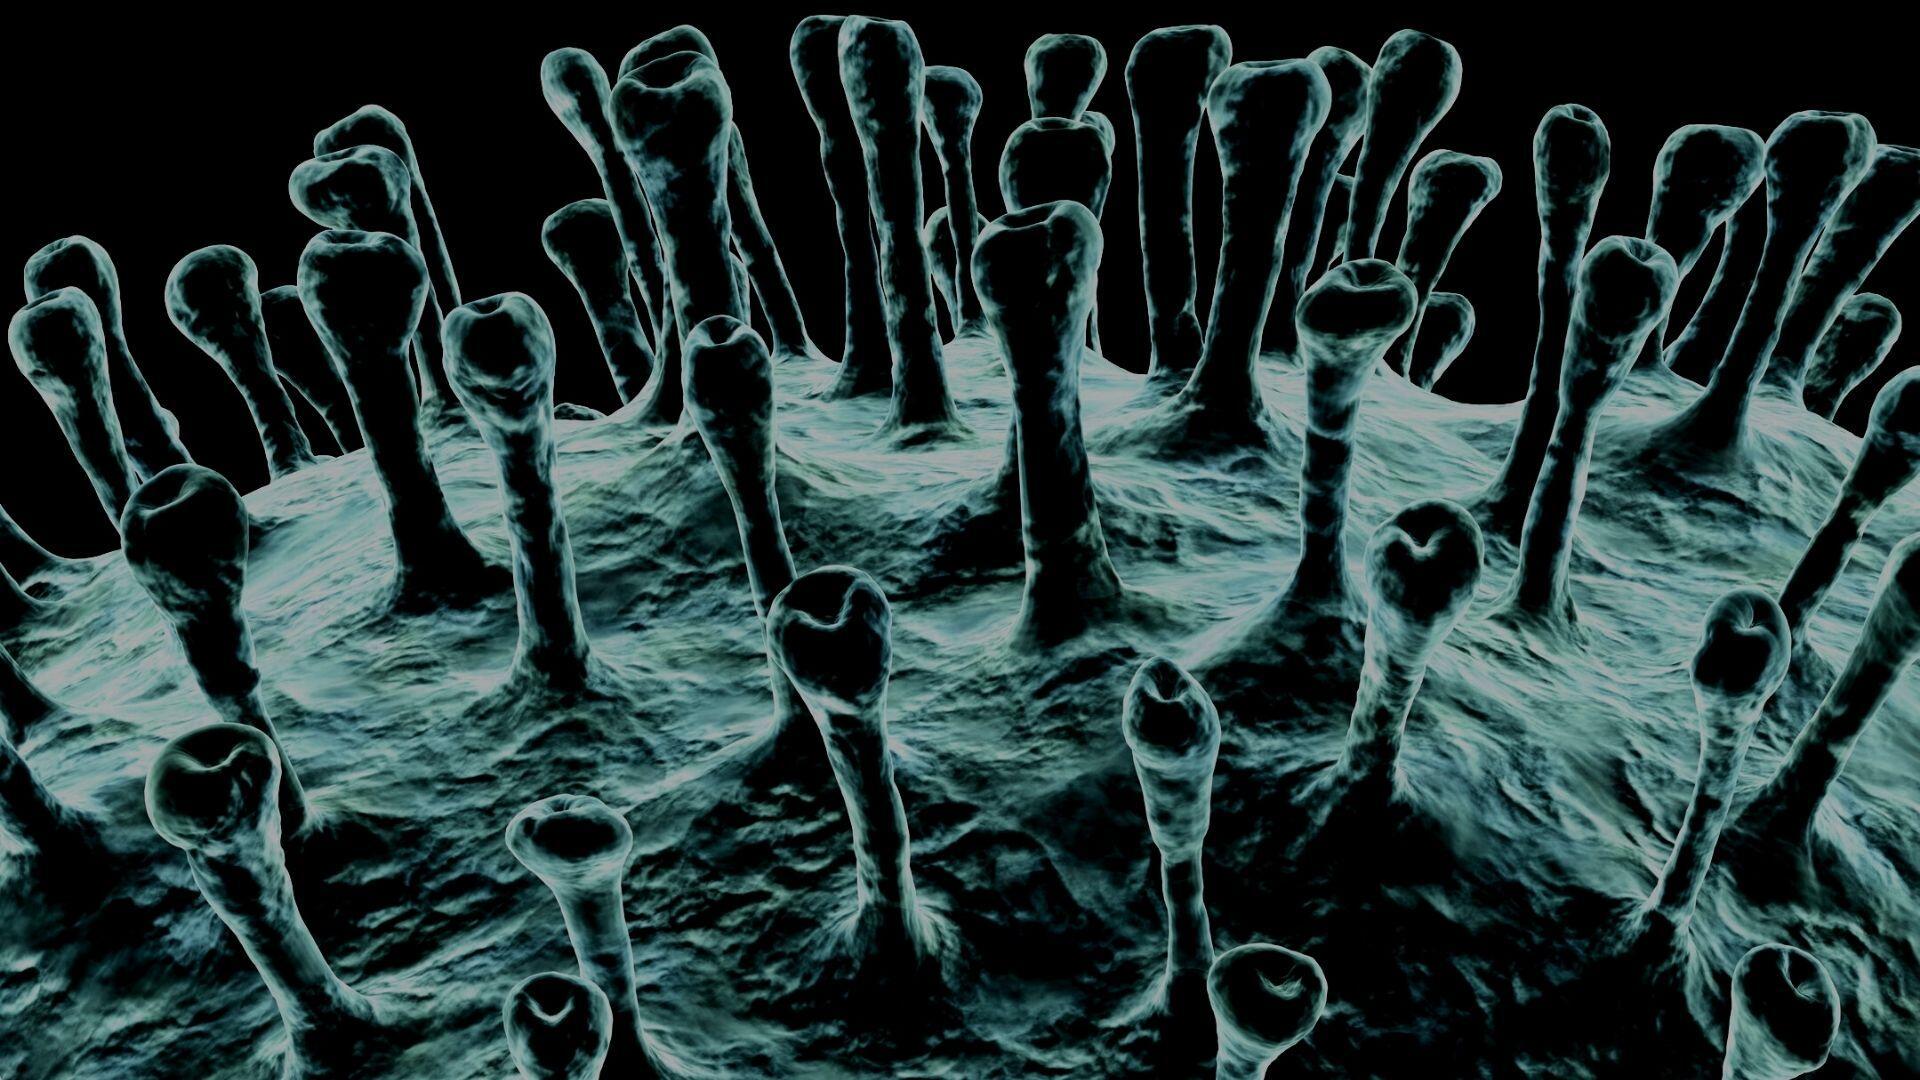 ingerencja czlowieka w srodowisko naturalne sprzyja pojawianiu sie chorob odzwierzecych